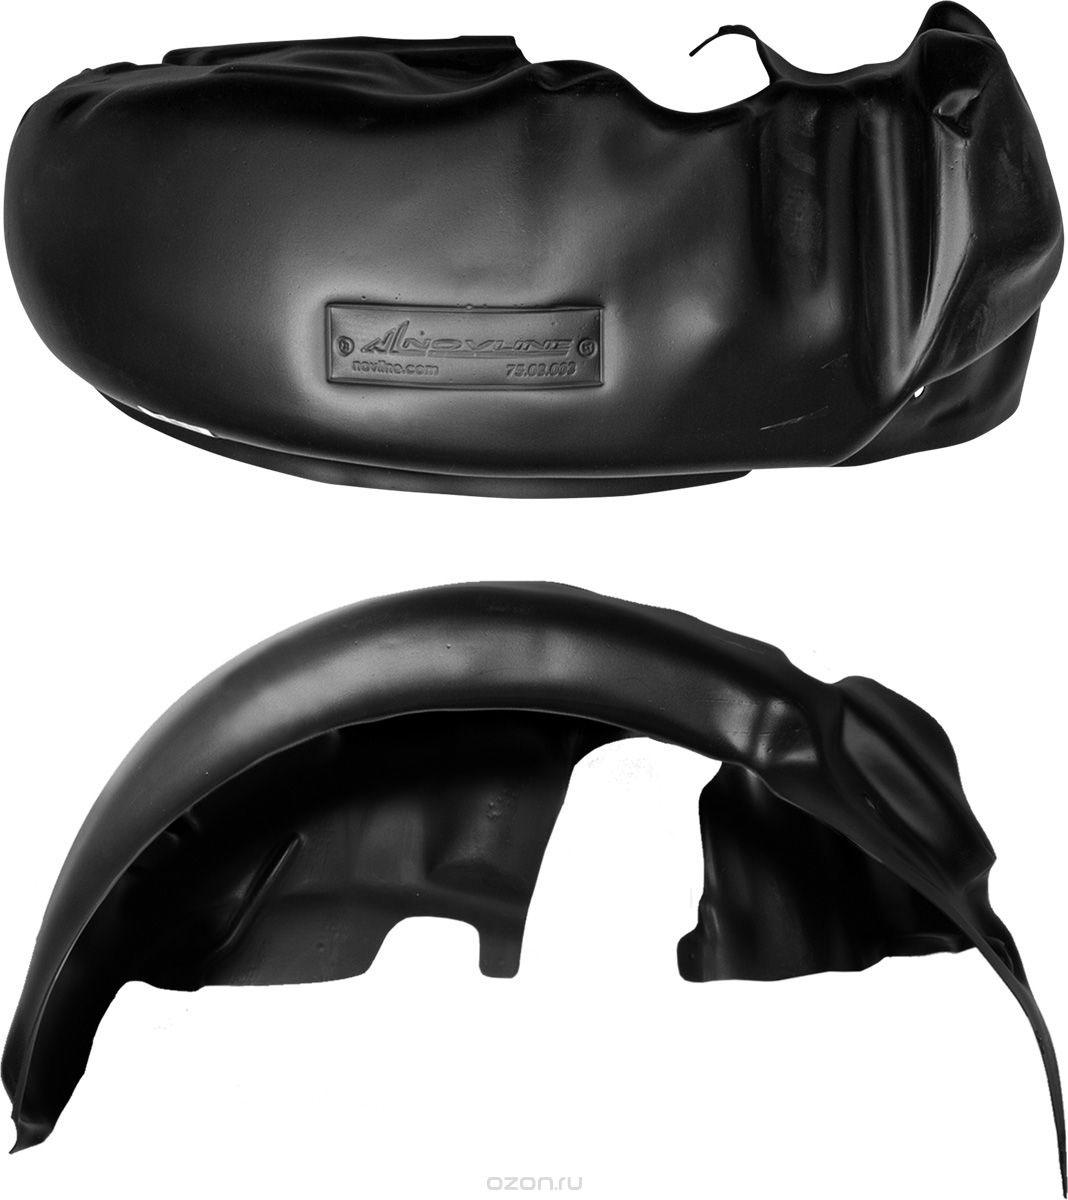 Подкрылок Novline-Autofamily, для Nissan X-Trail, 2007-2011, 2011->, передний левыйNLL.36.20.001Идеальная защита колесной ниши. Локеры разработаны с применением цифровых технологий, гарантируют максимальную повторяемость поверхности арки. Изделия устанавливаются без нарушения лакокрасочного покрытия автомобиля, каждый подкрылок комплектуется крепежом. Уважаемые клиенты, обращаем ваше внимание, что фотографии на подкрылки универсальные и не отражают реальную форму изделия. При этом само изделие идет точно под размер указанного автомобиля.